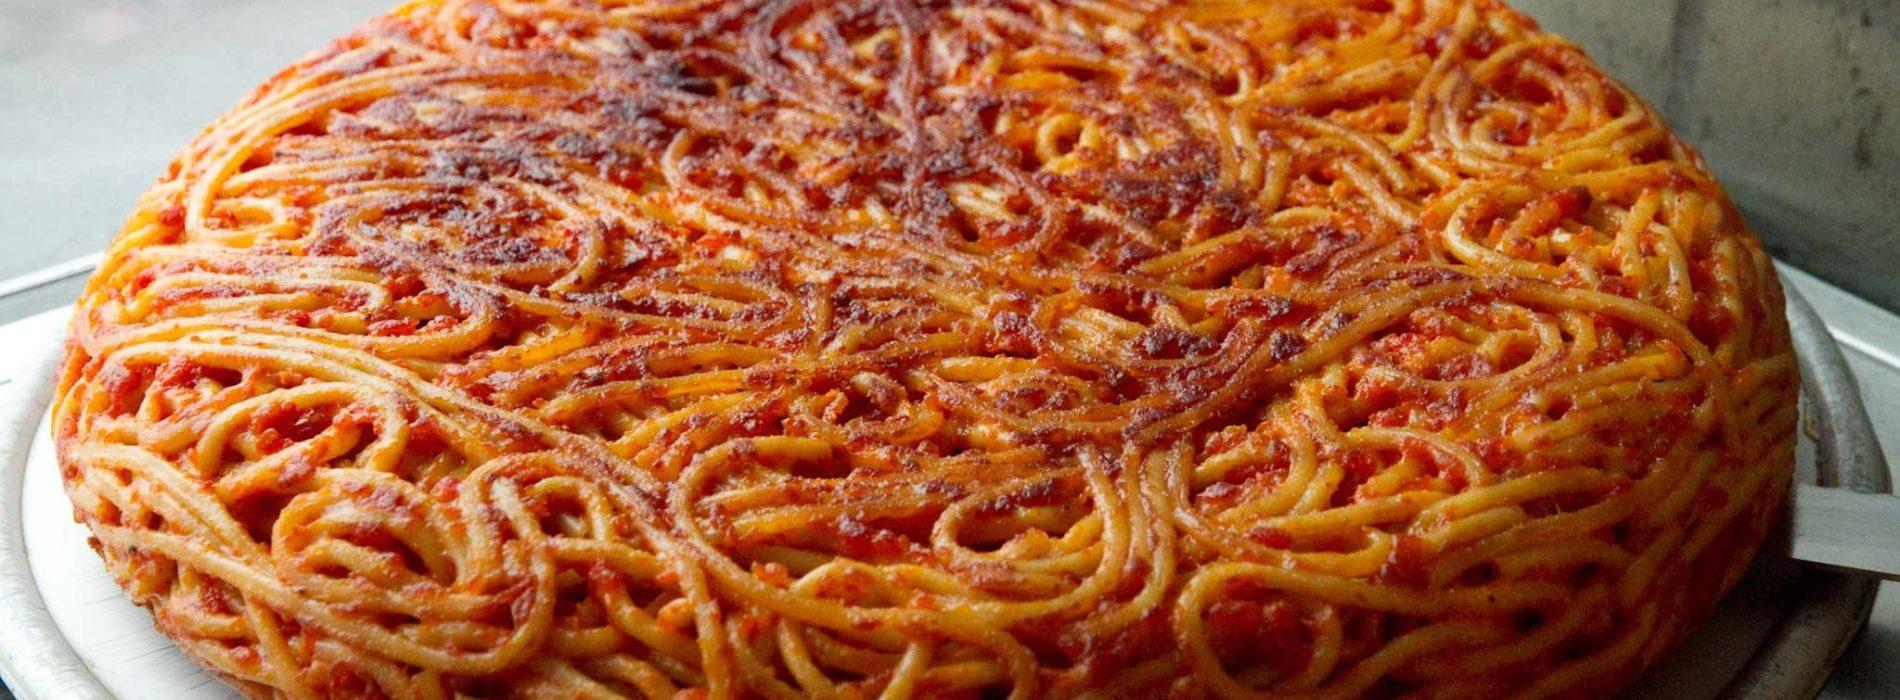 Apre a Napoli il primo take away di frittata di pasta